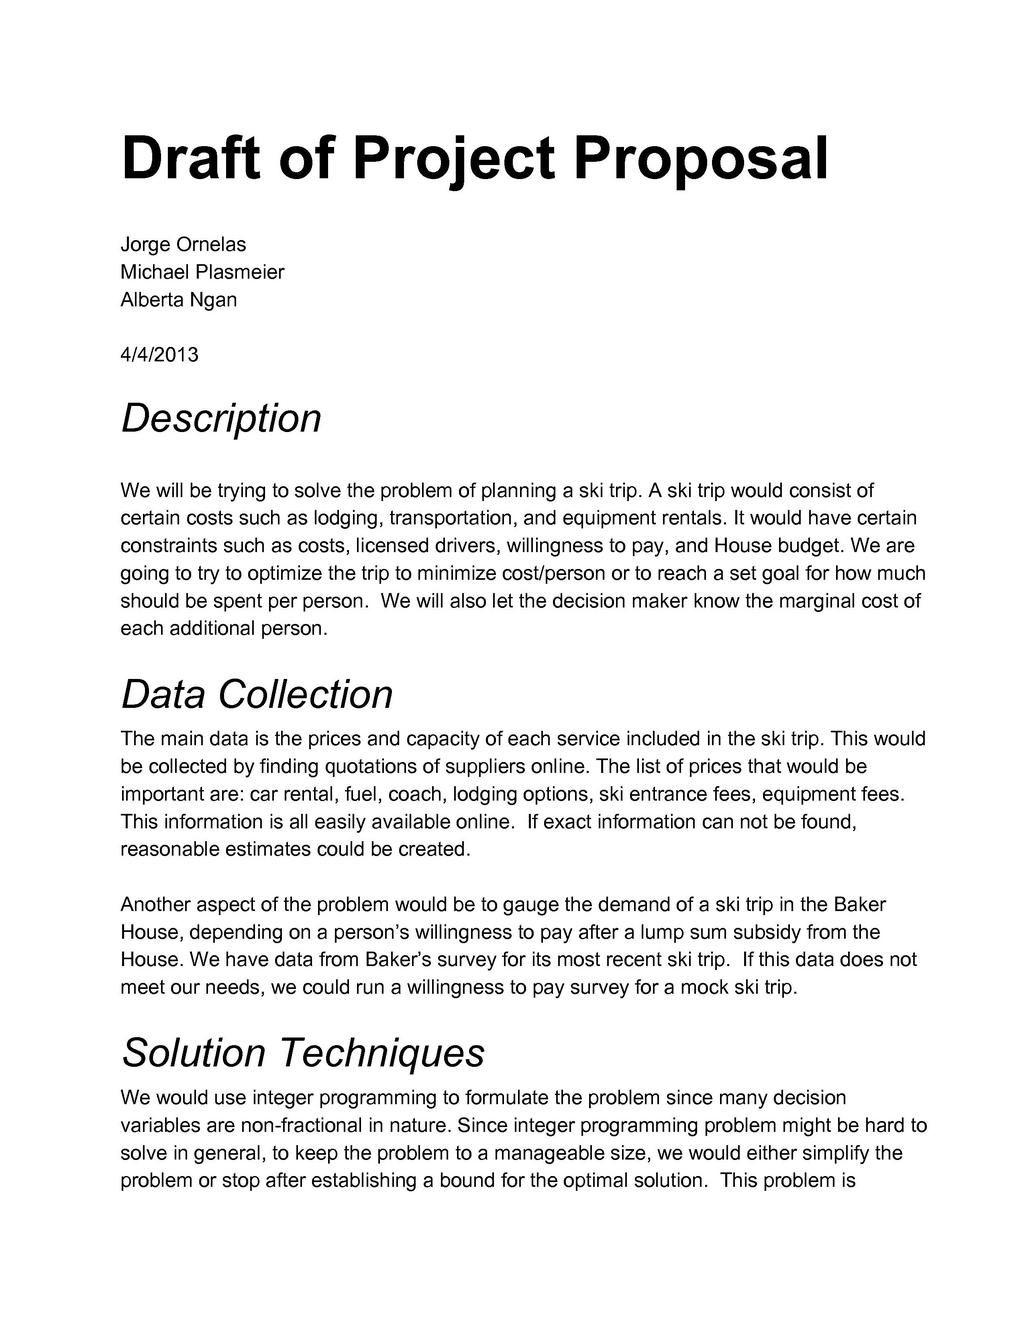 Proposal Drafting